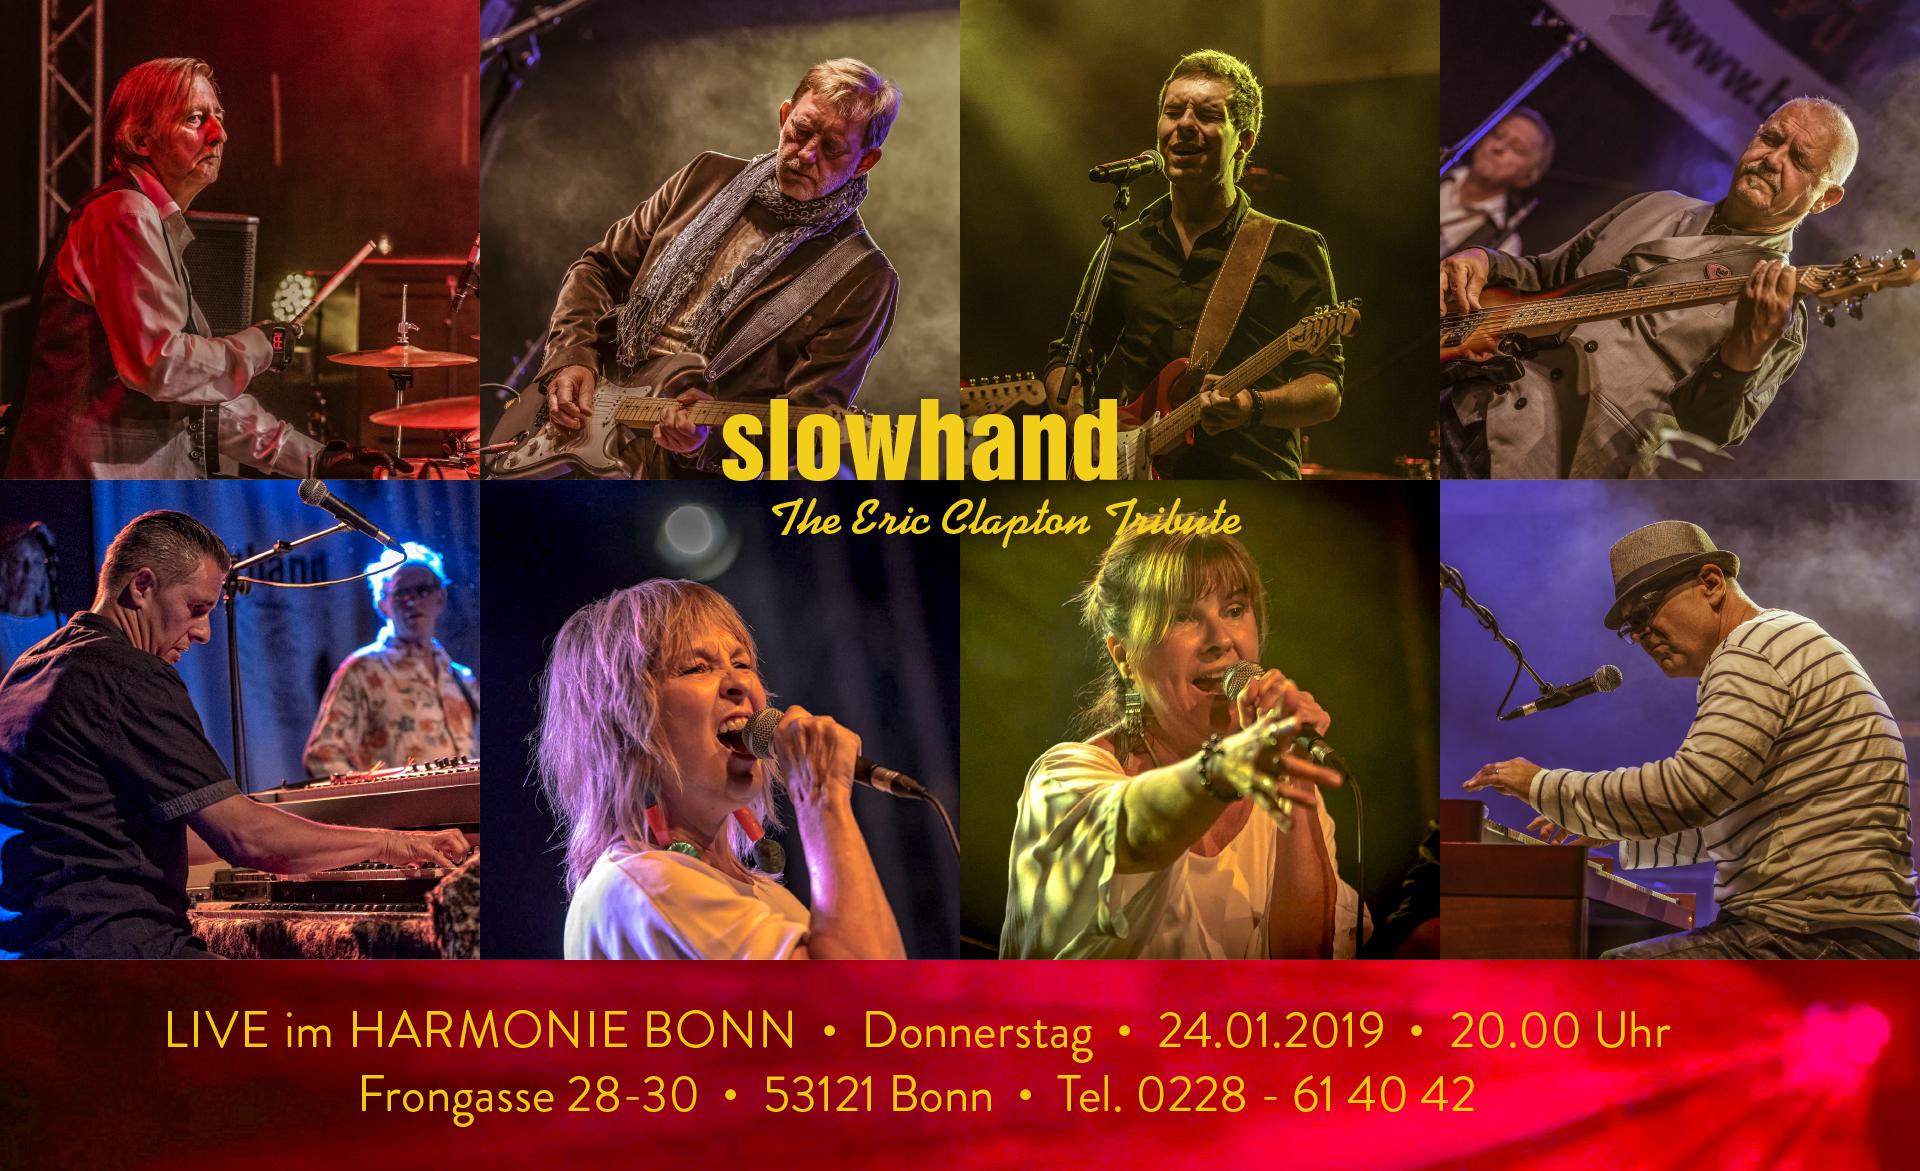 SH-Harmonie-Bonn-2019-FB-Post.jpg